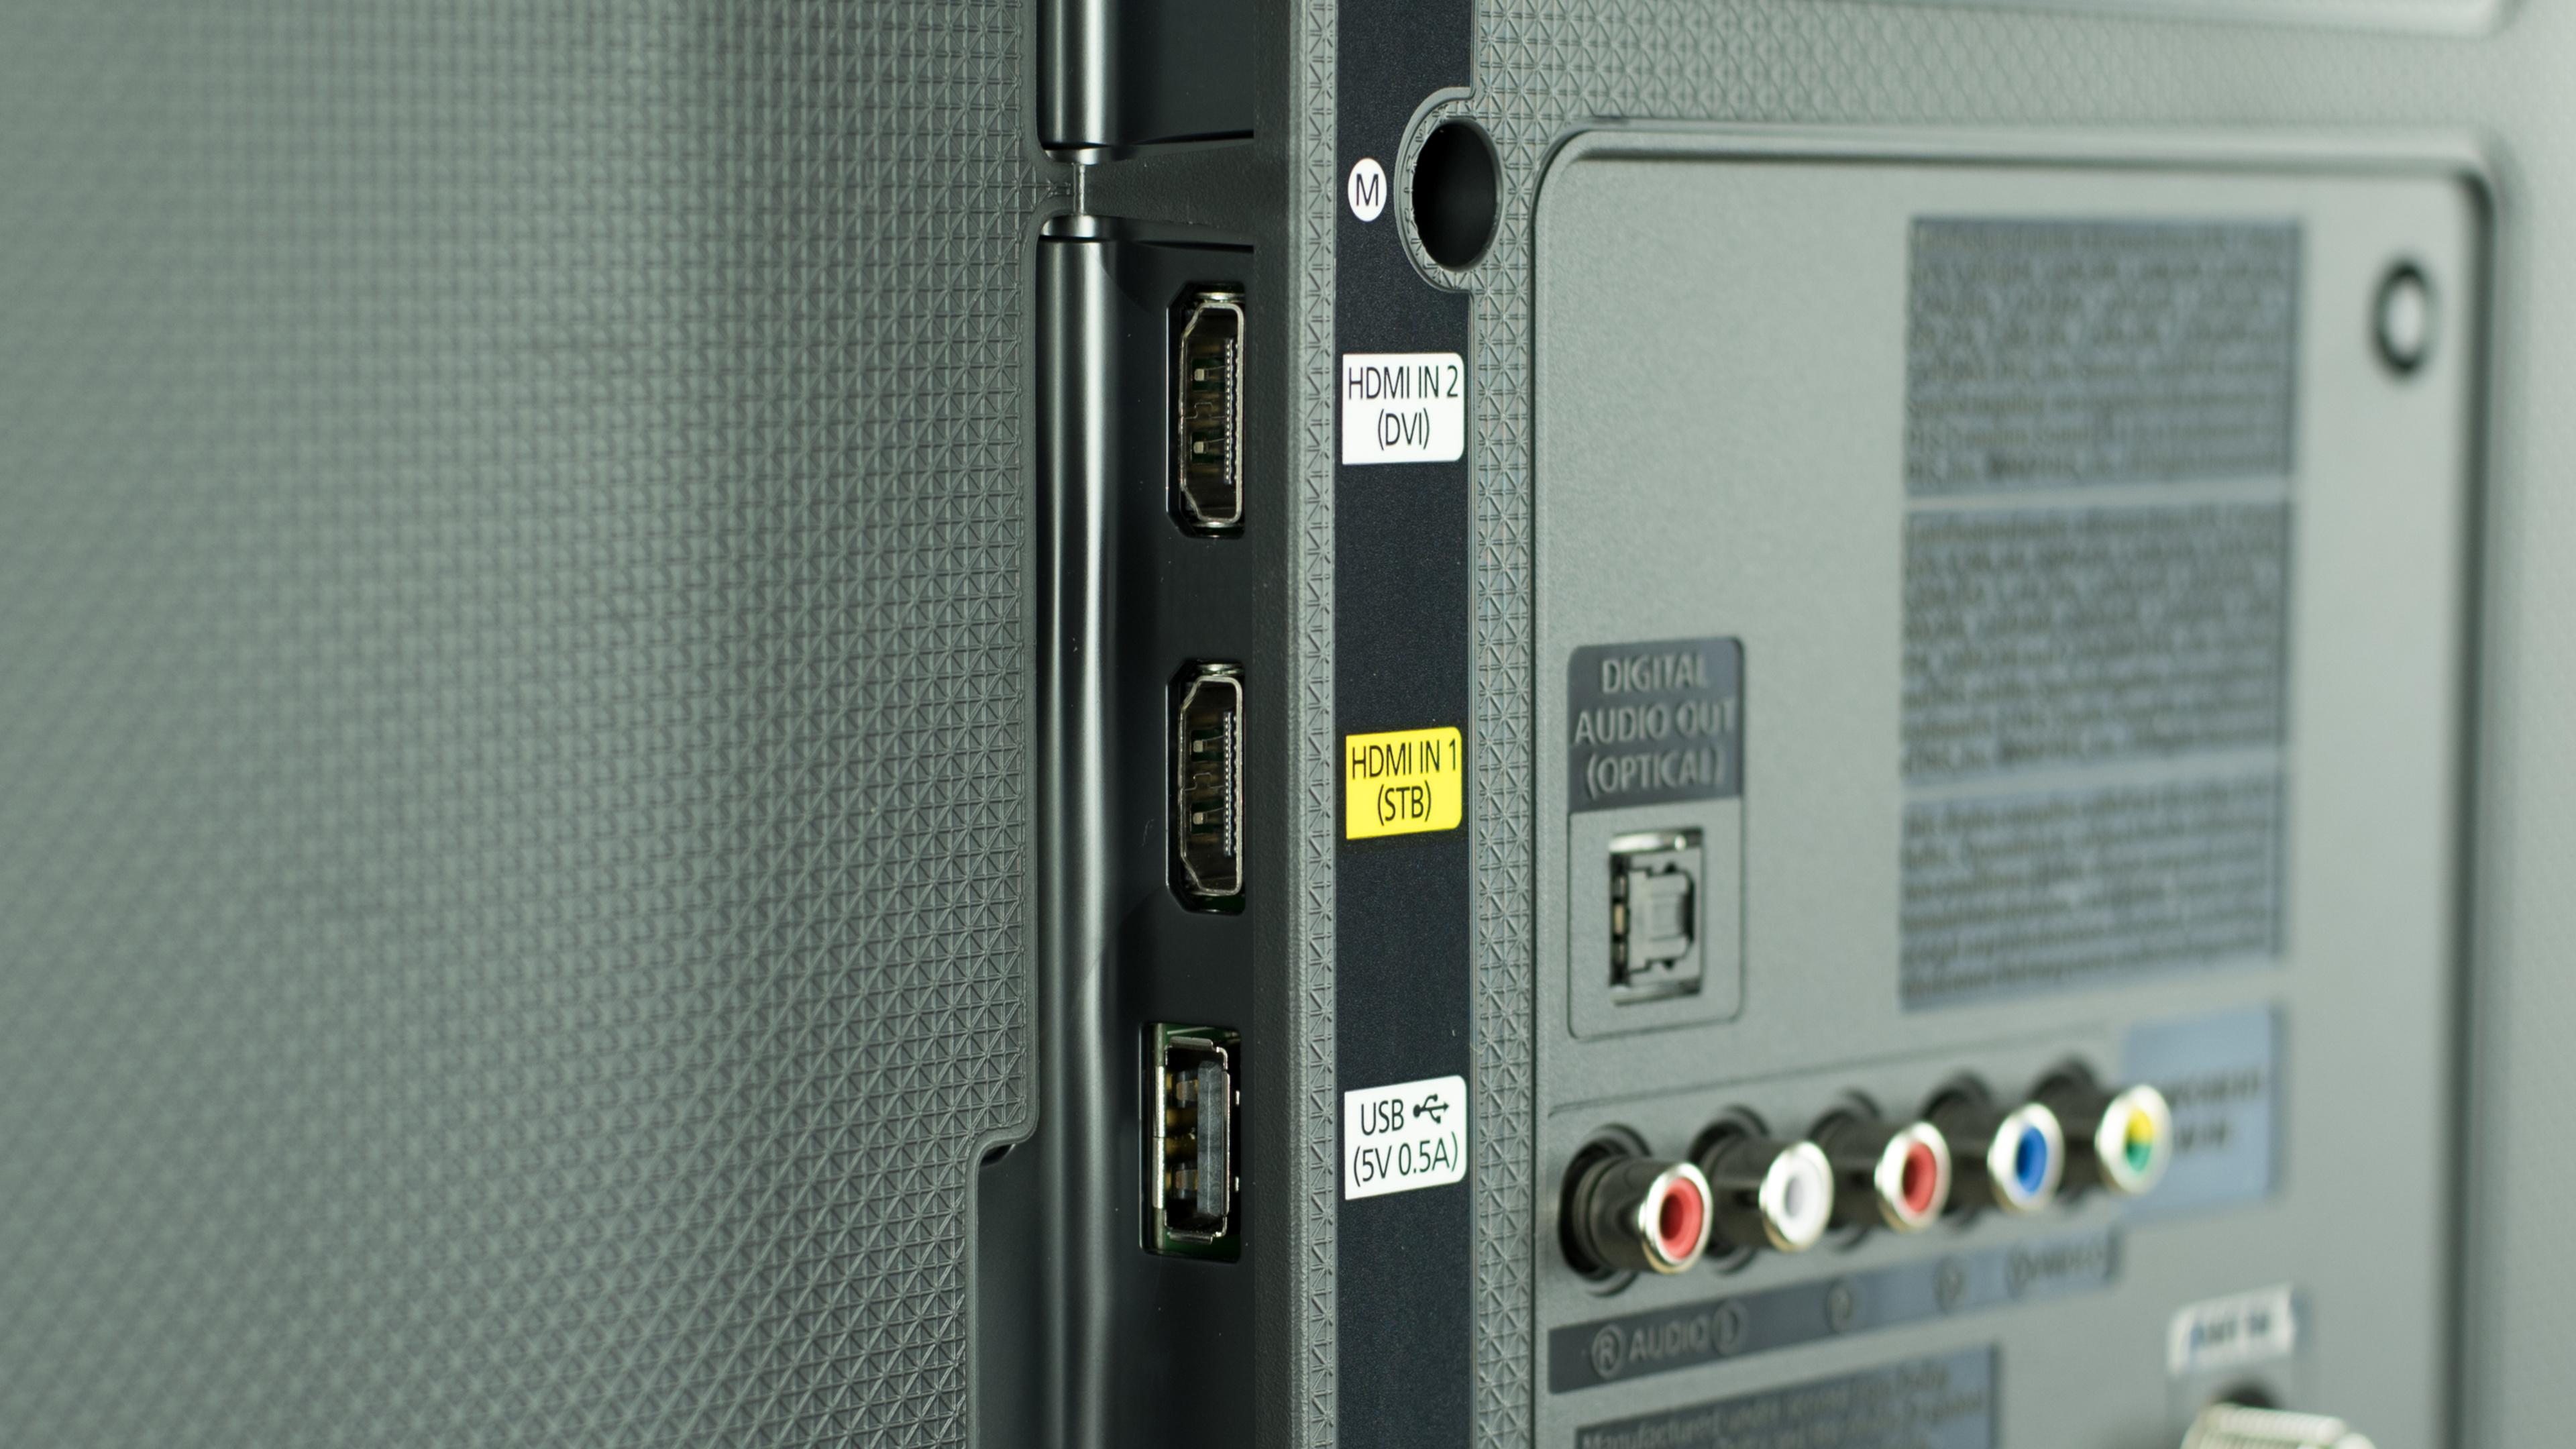 Samsung J5000 Review Un32j5003 Un43j5000 Un48j5000